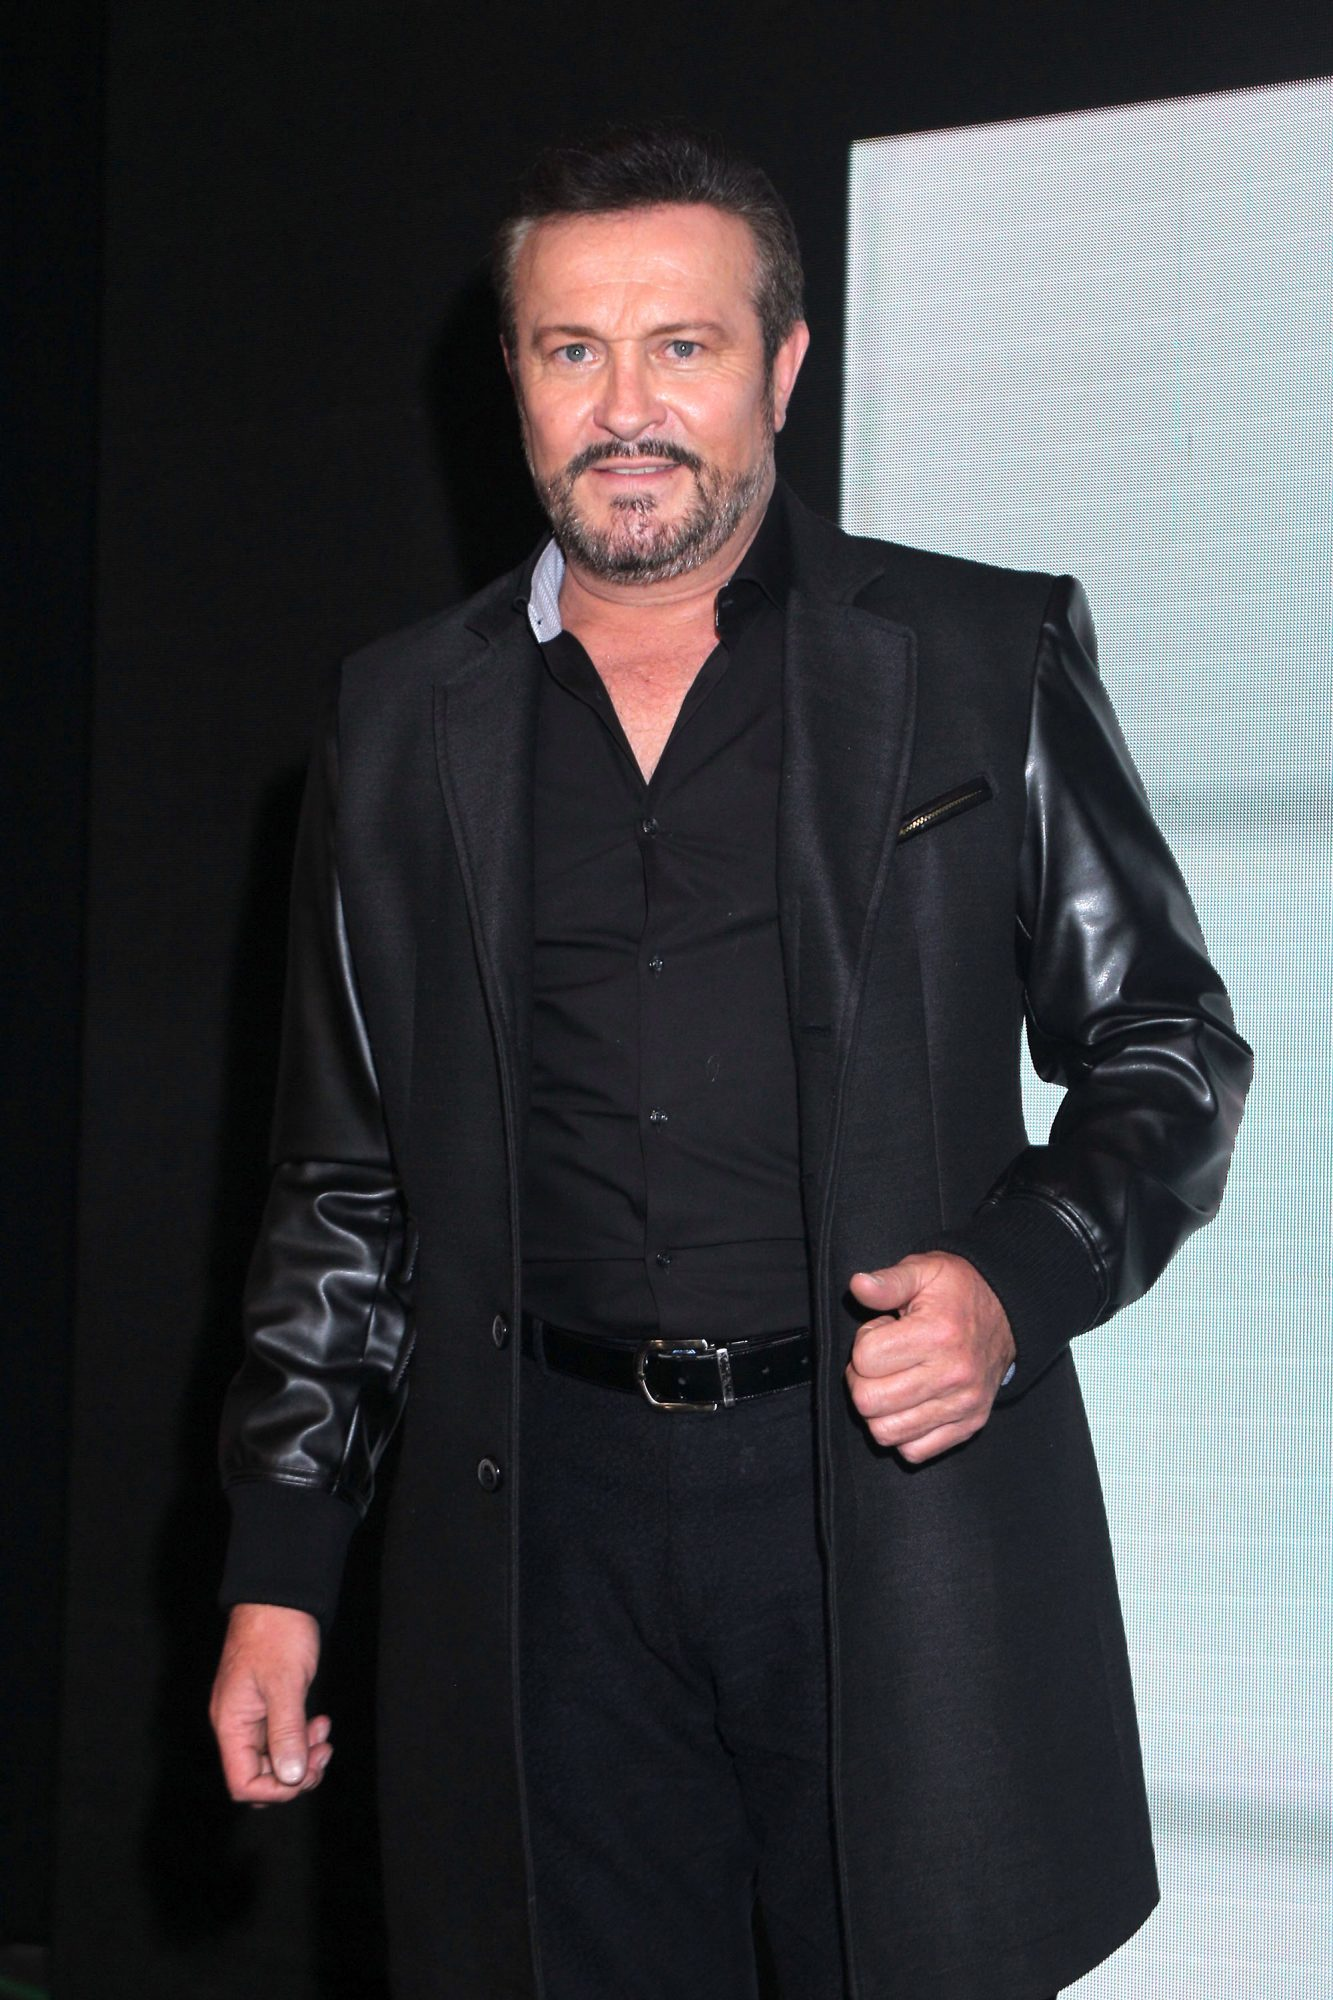 Arturo Peniche